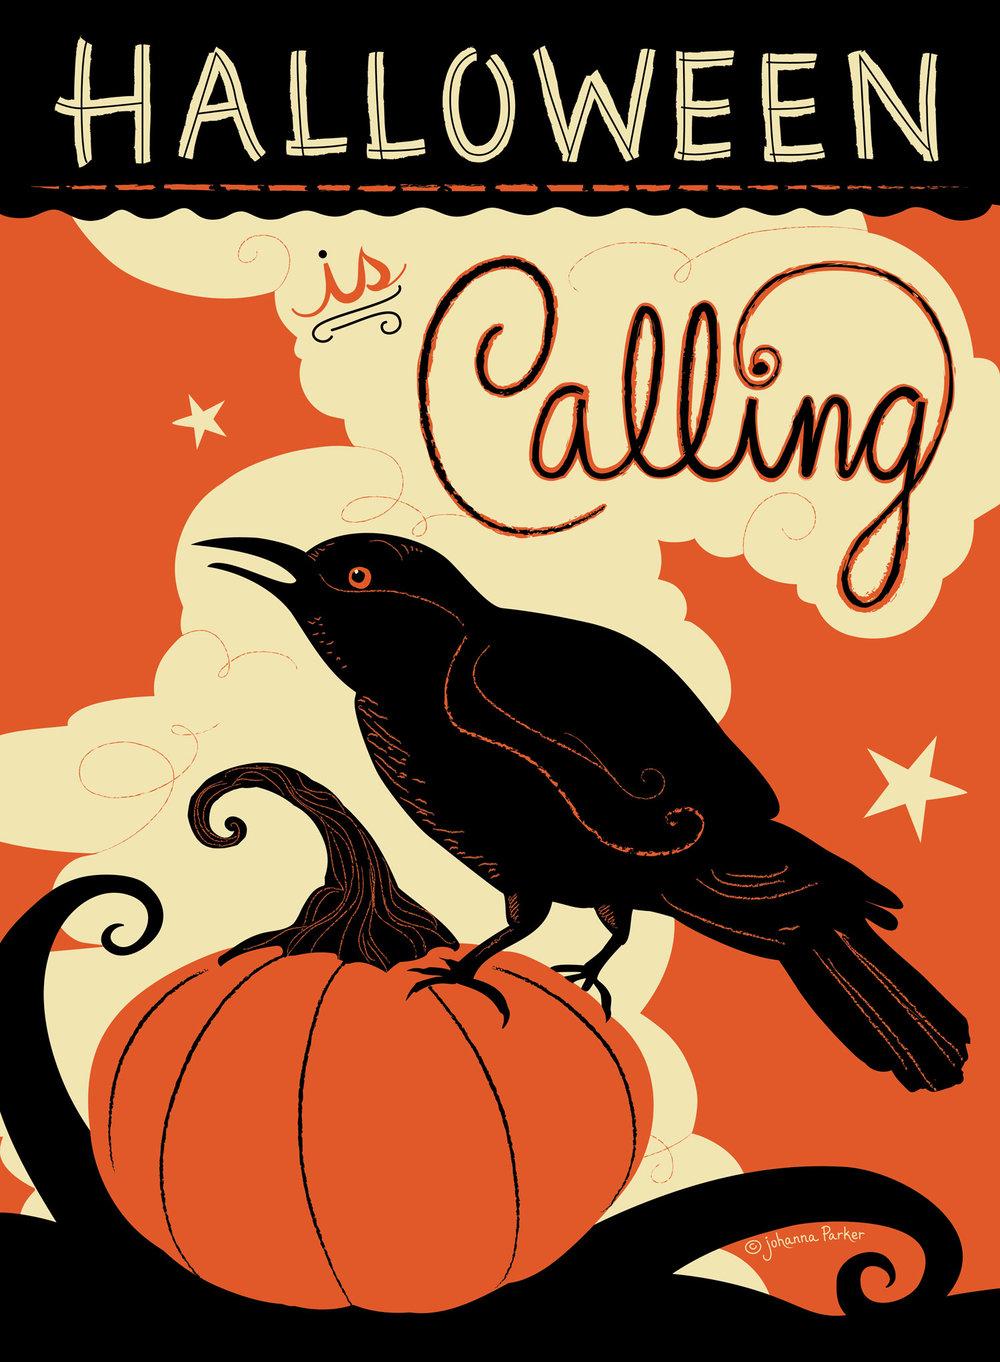 Halloween is calling